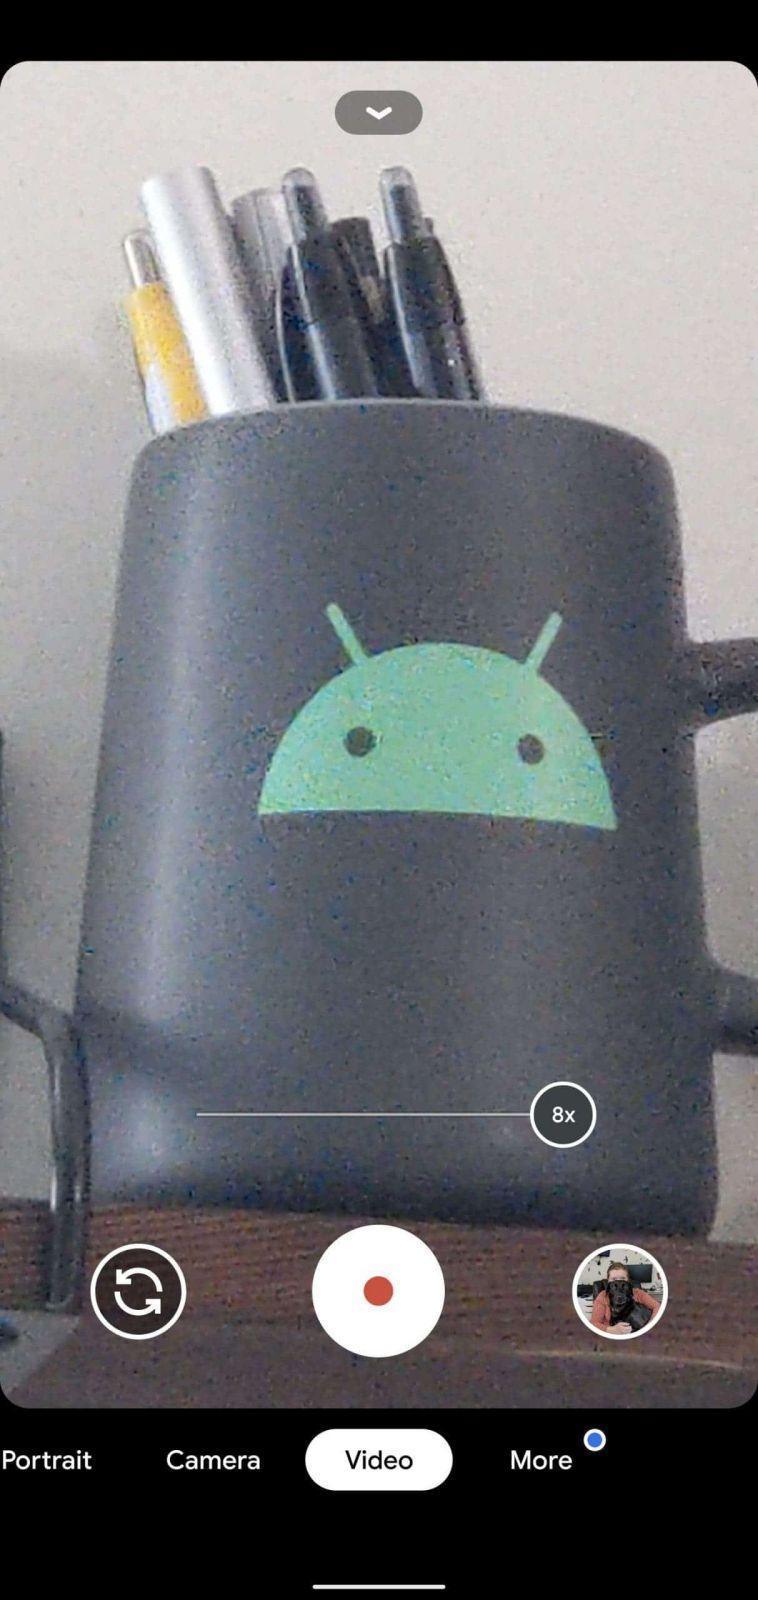 Флагманы Google Pixel теперь поддерживают восьмикратный зум